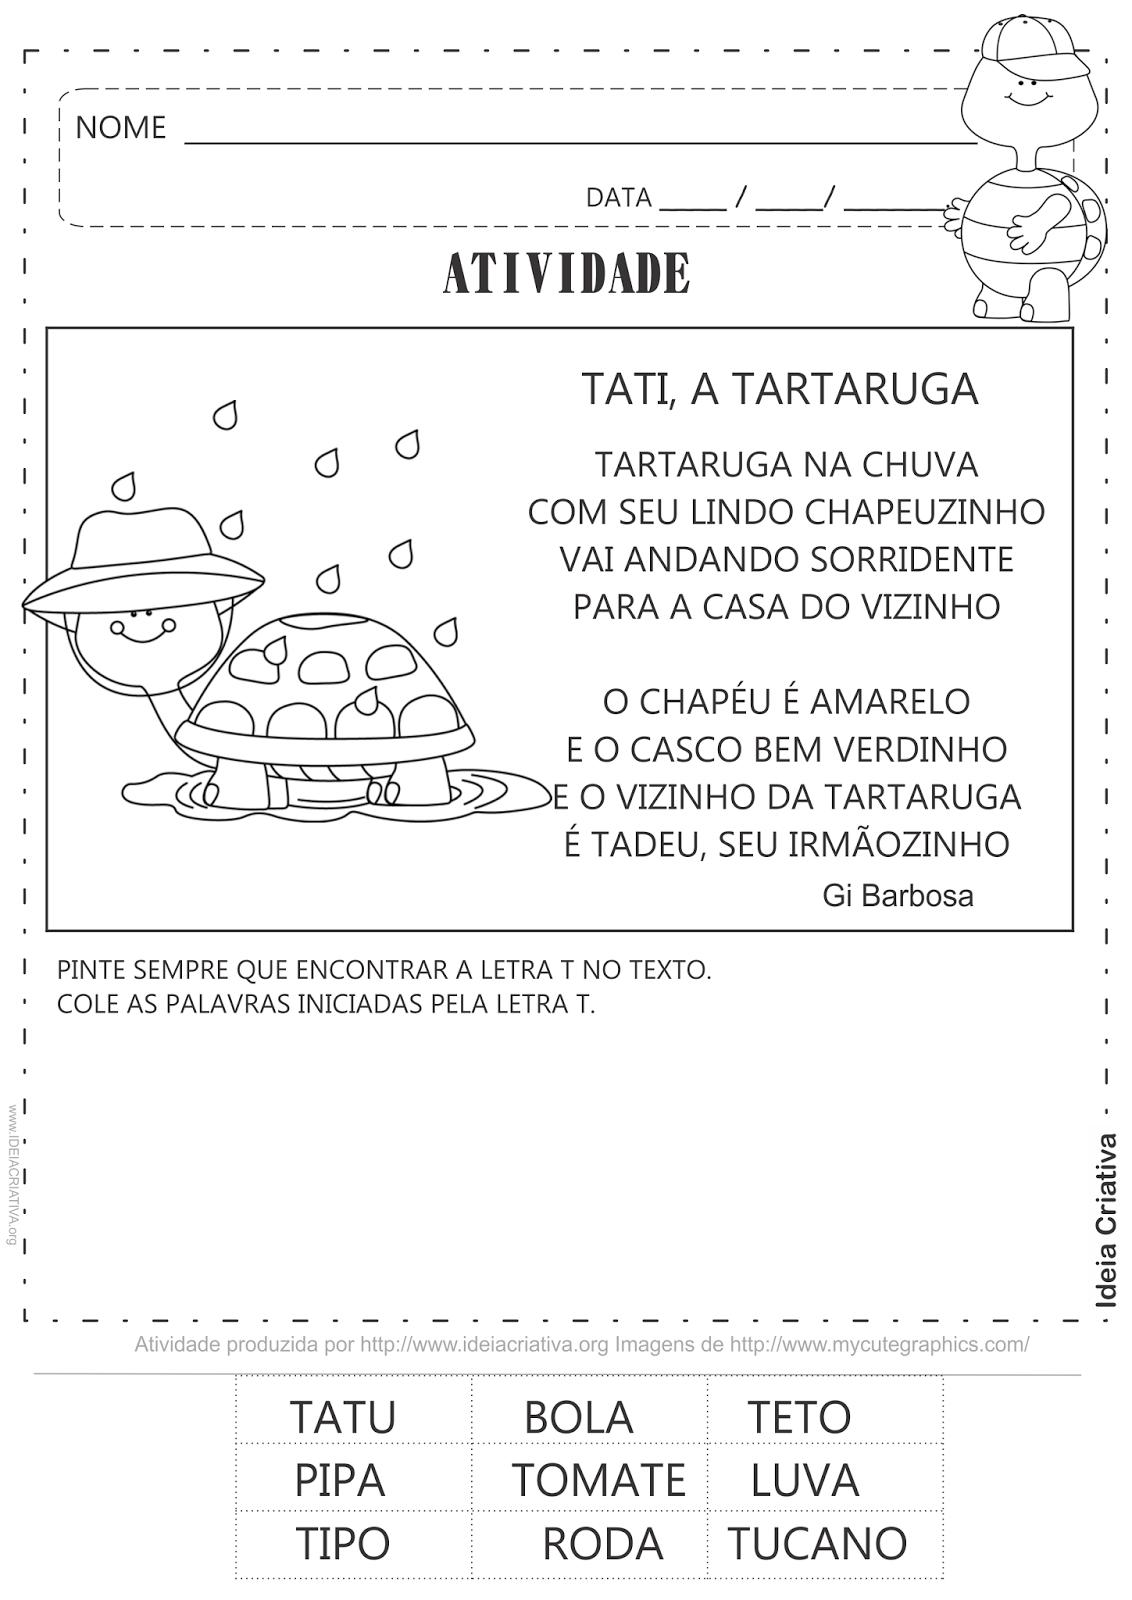 Atividade Letra T - Reino Animal Répteis Tartaruga